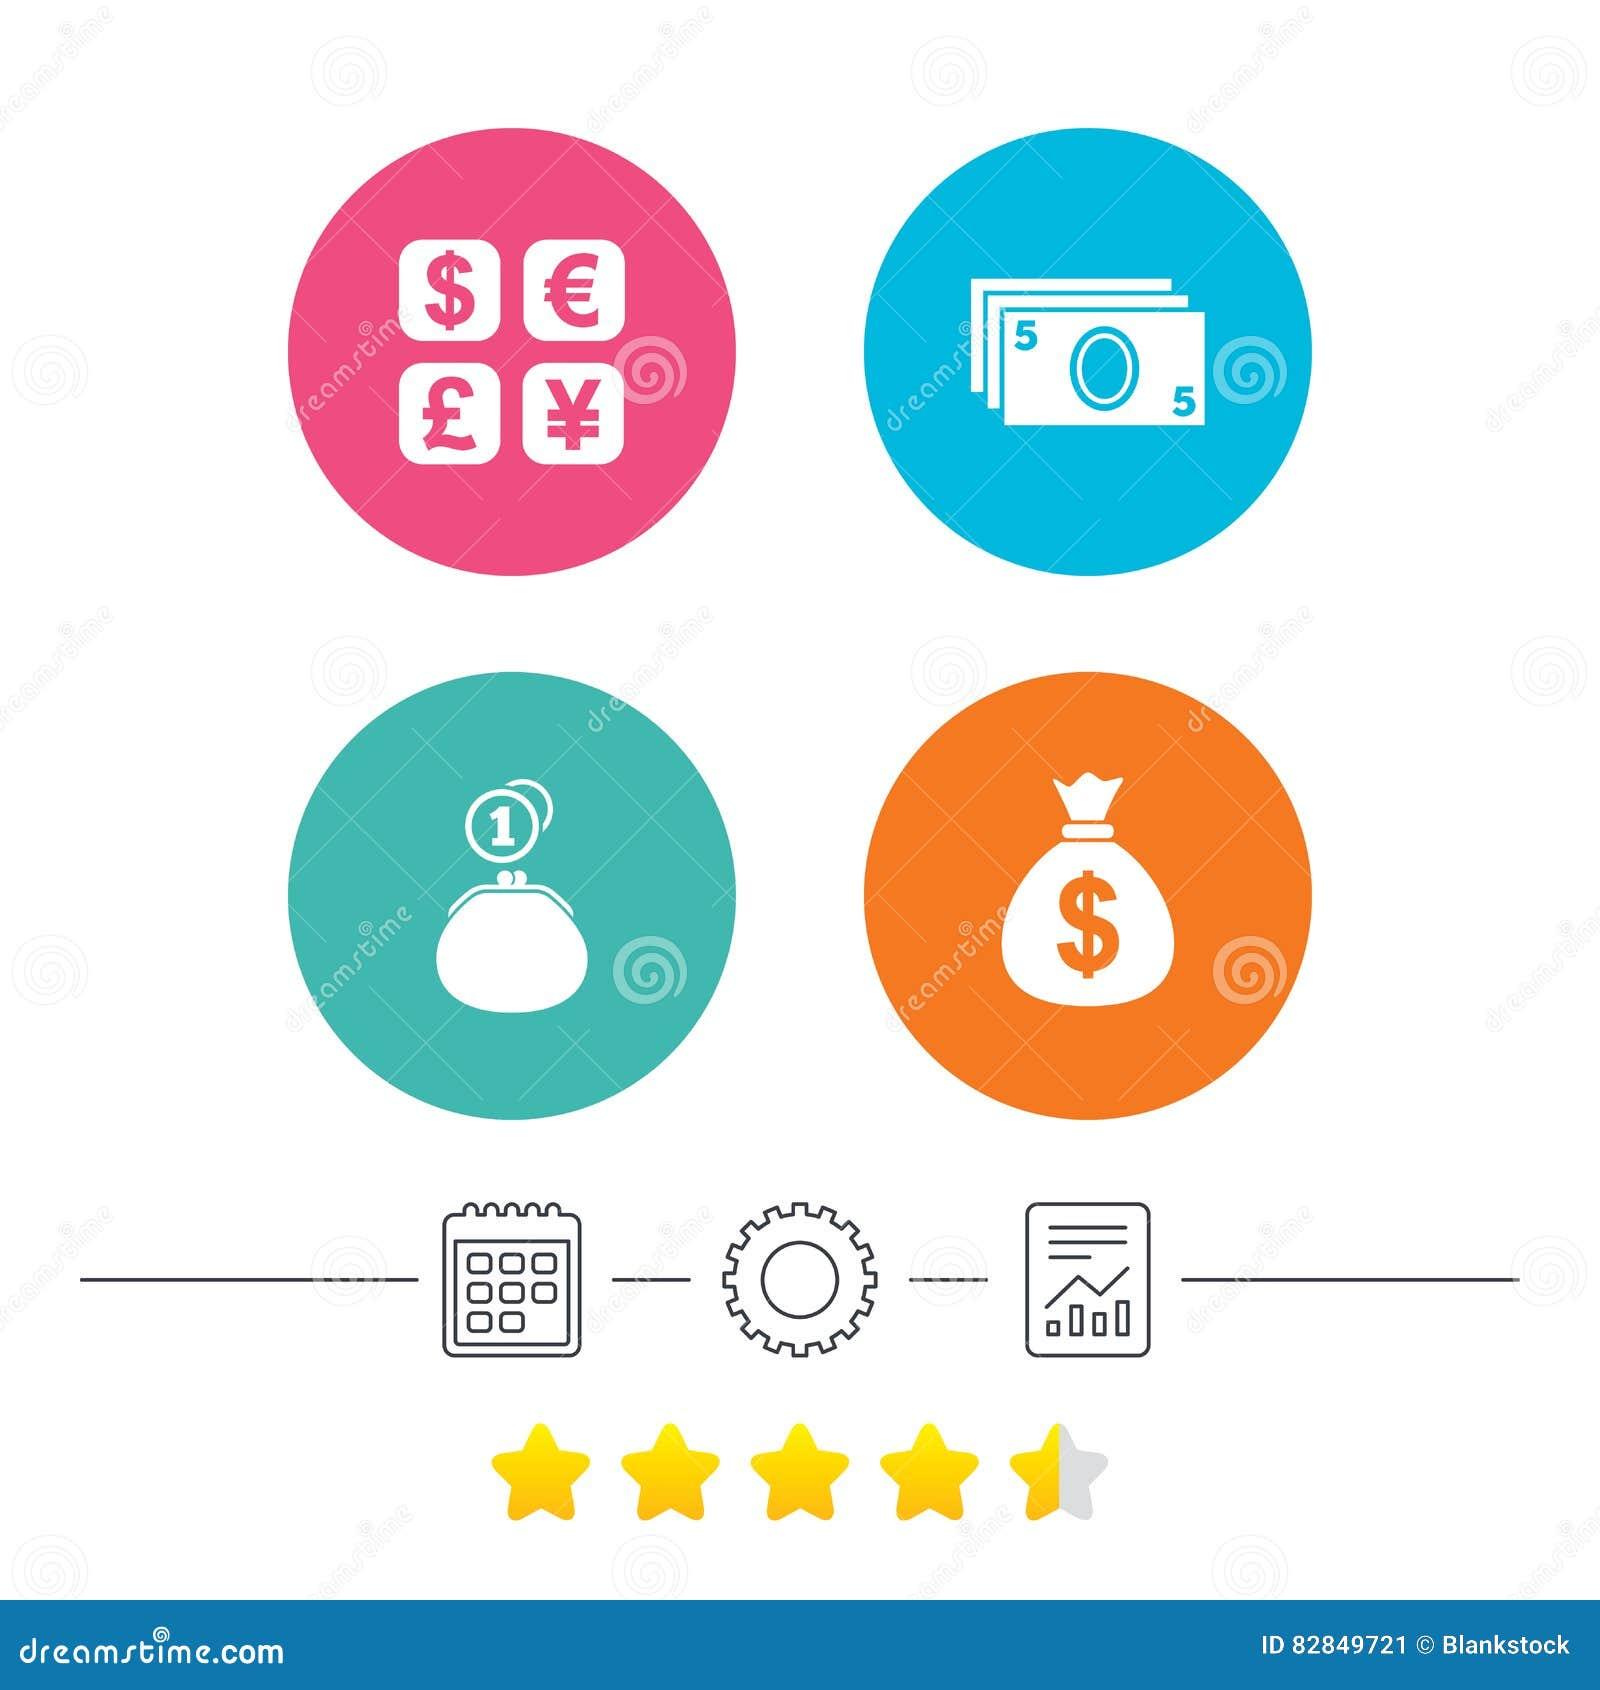 3eaca3ecc6 Icona di cambio Borsa e portafoglio del denaro contante con i segni delle  monete Dollaro, euro, sterlina, simboli di Yen Calendario, ruota dentata ed  icone ...